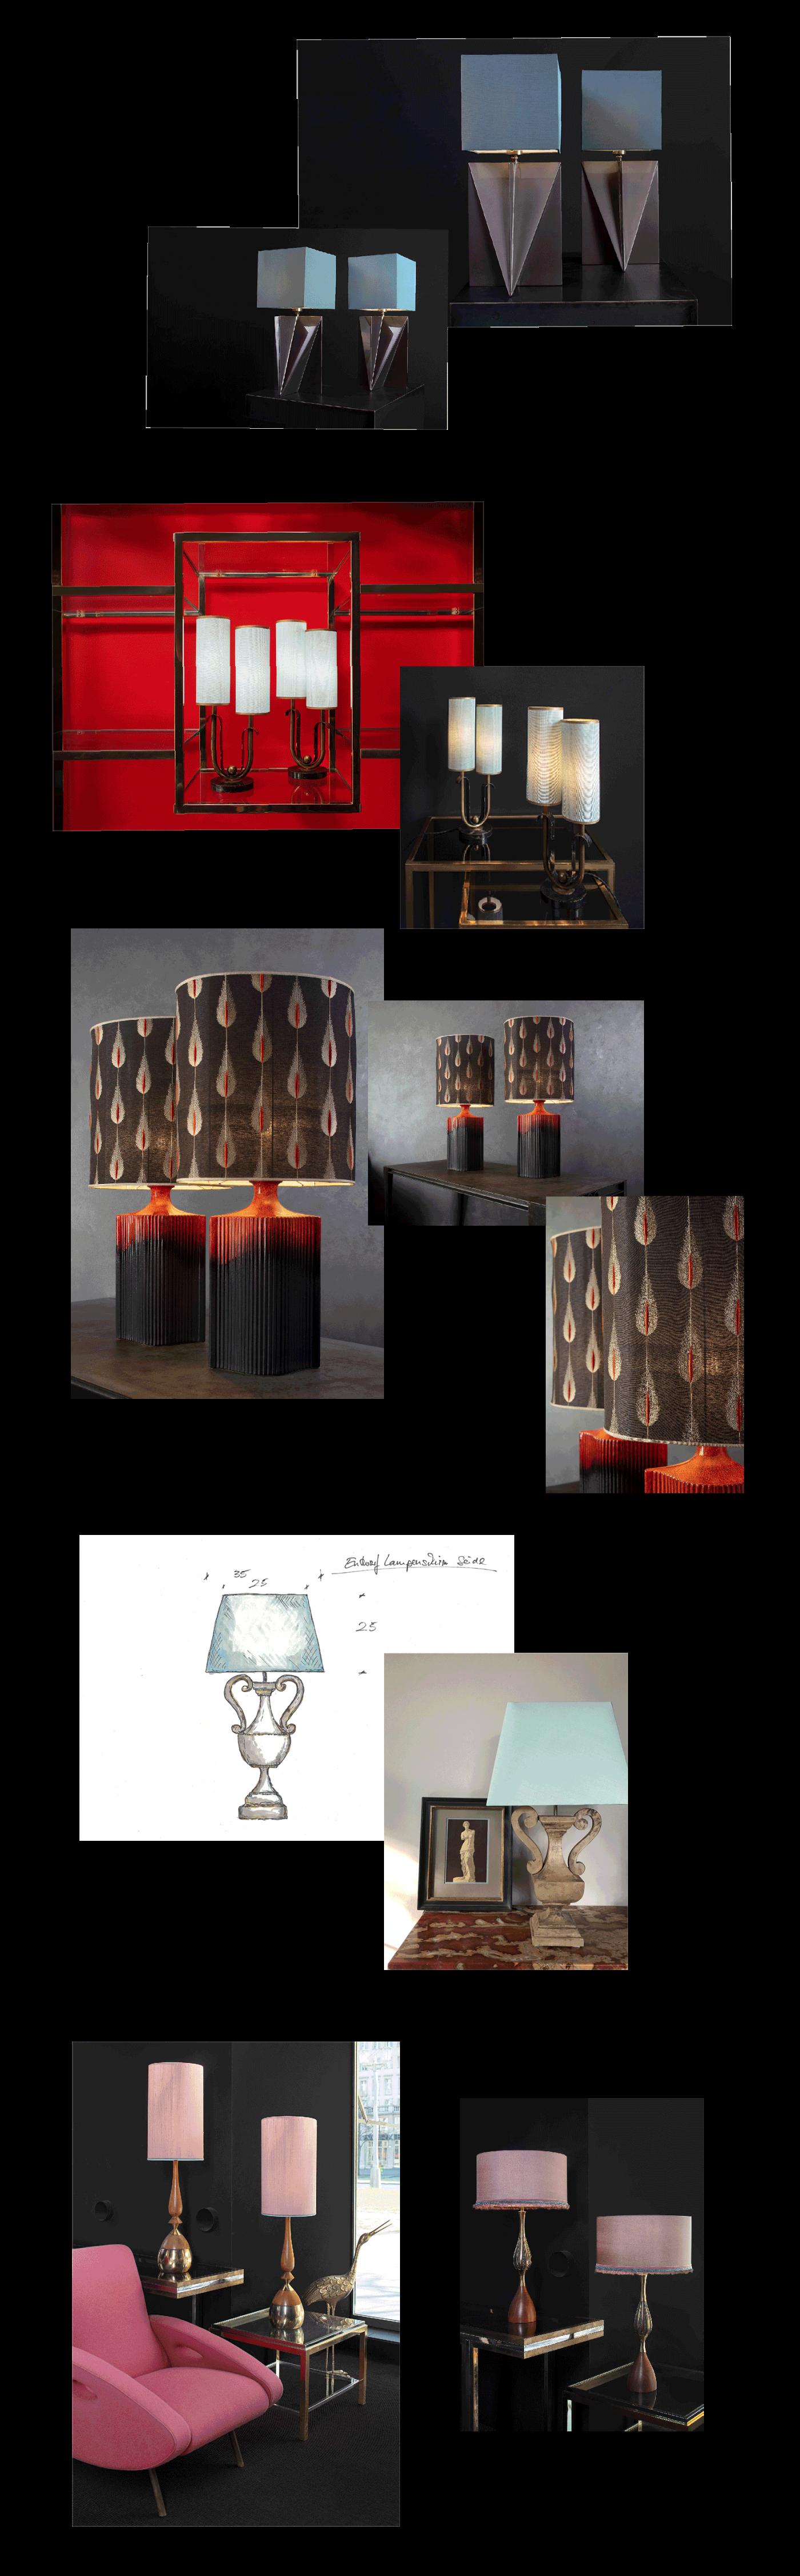 Galerie-Lampenschirmdesign-1